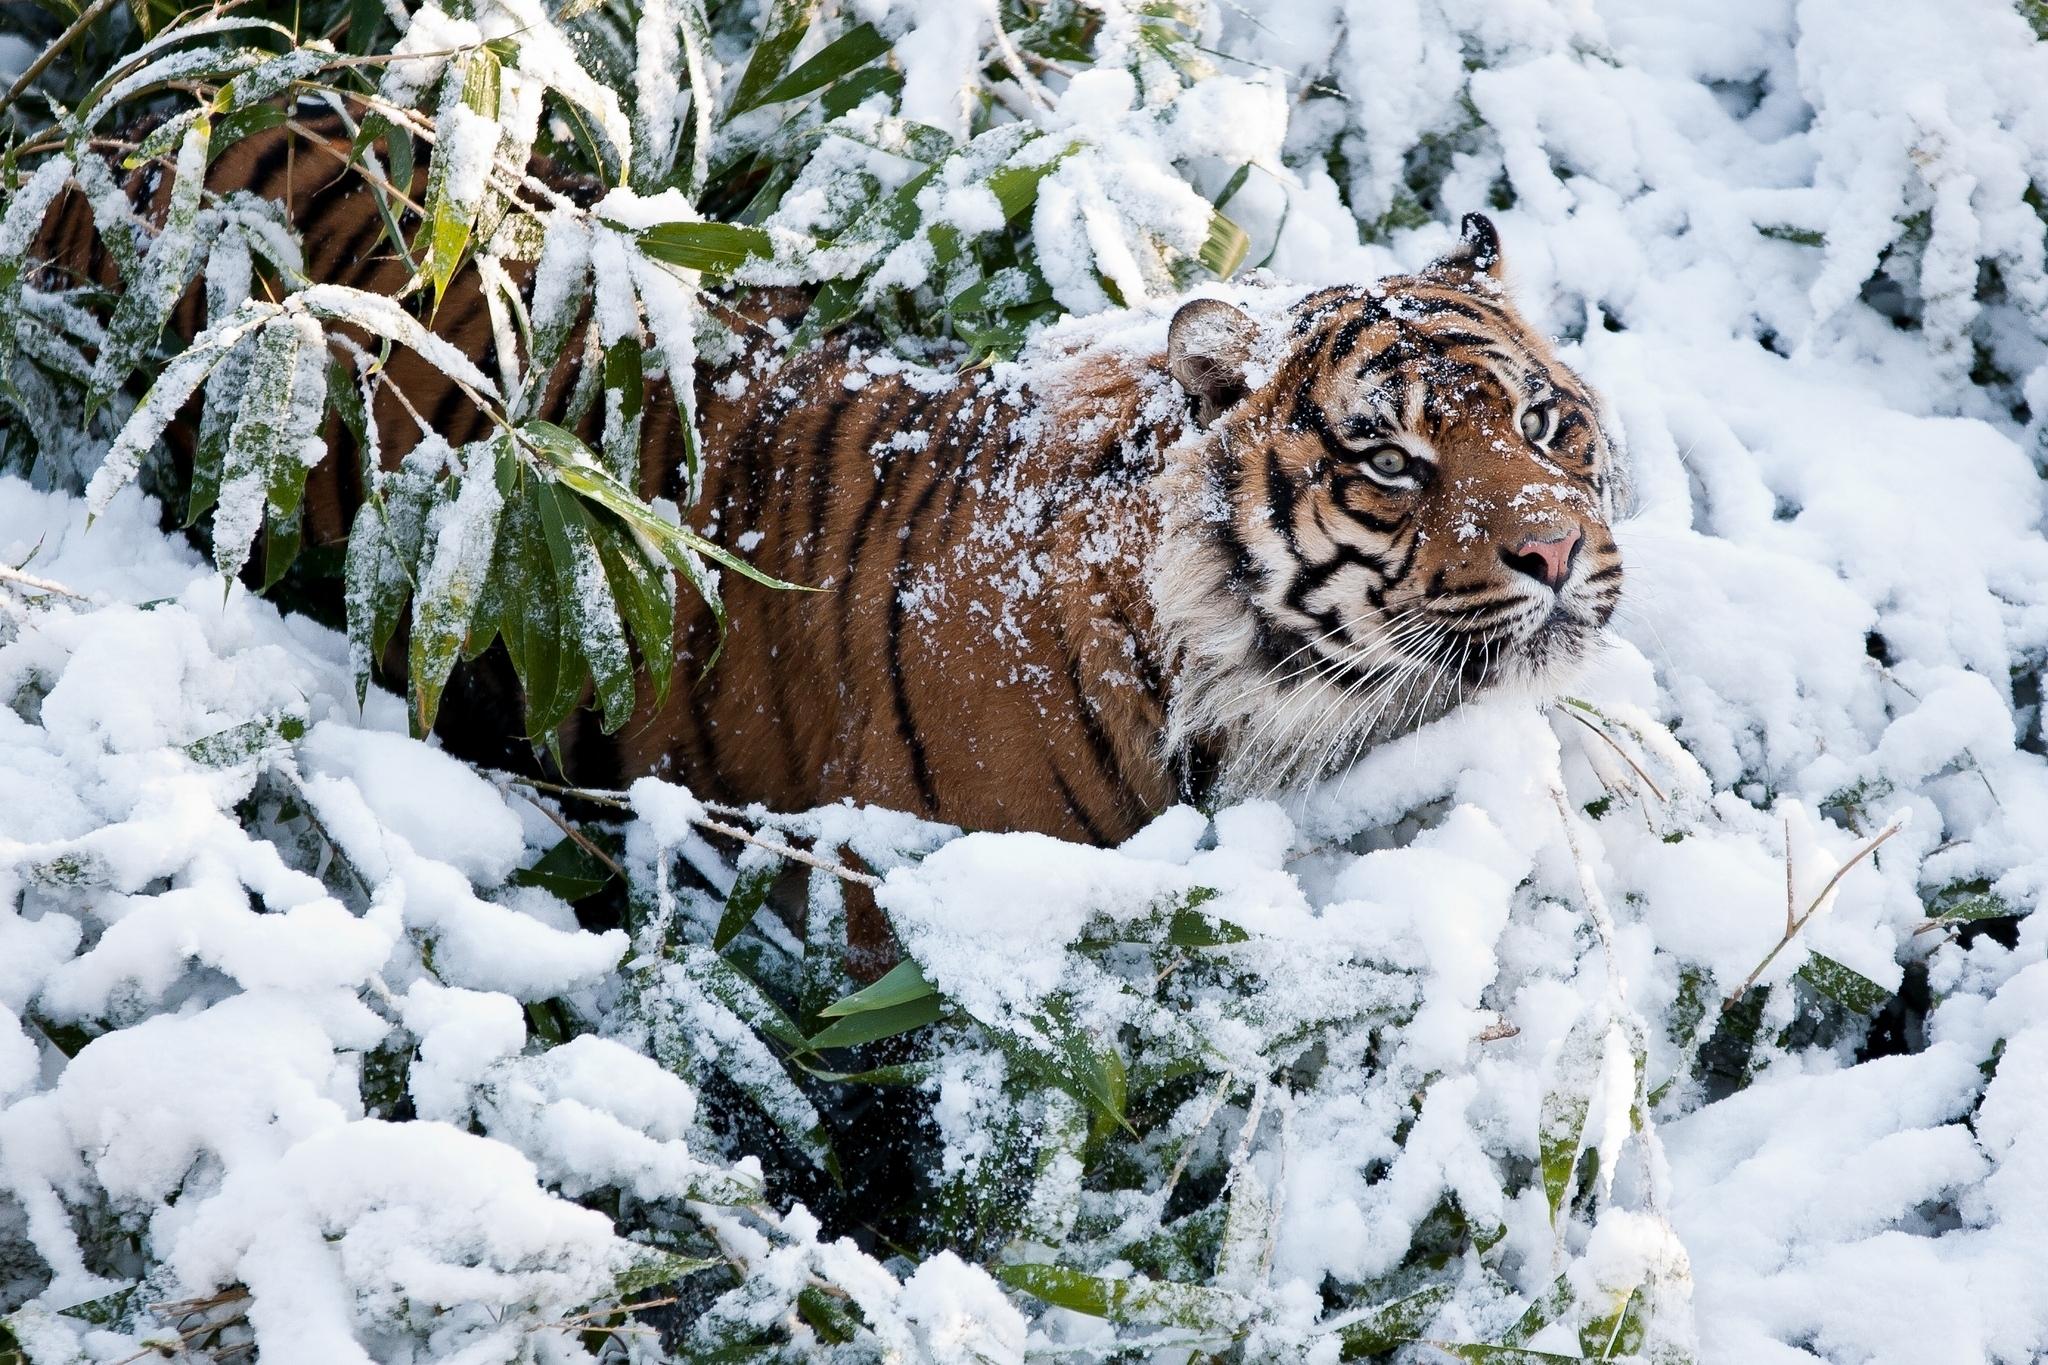 Обои На Стол Животные Зимой